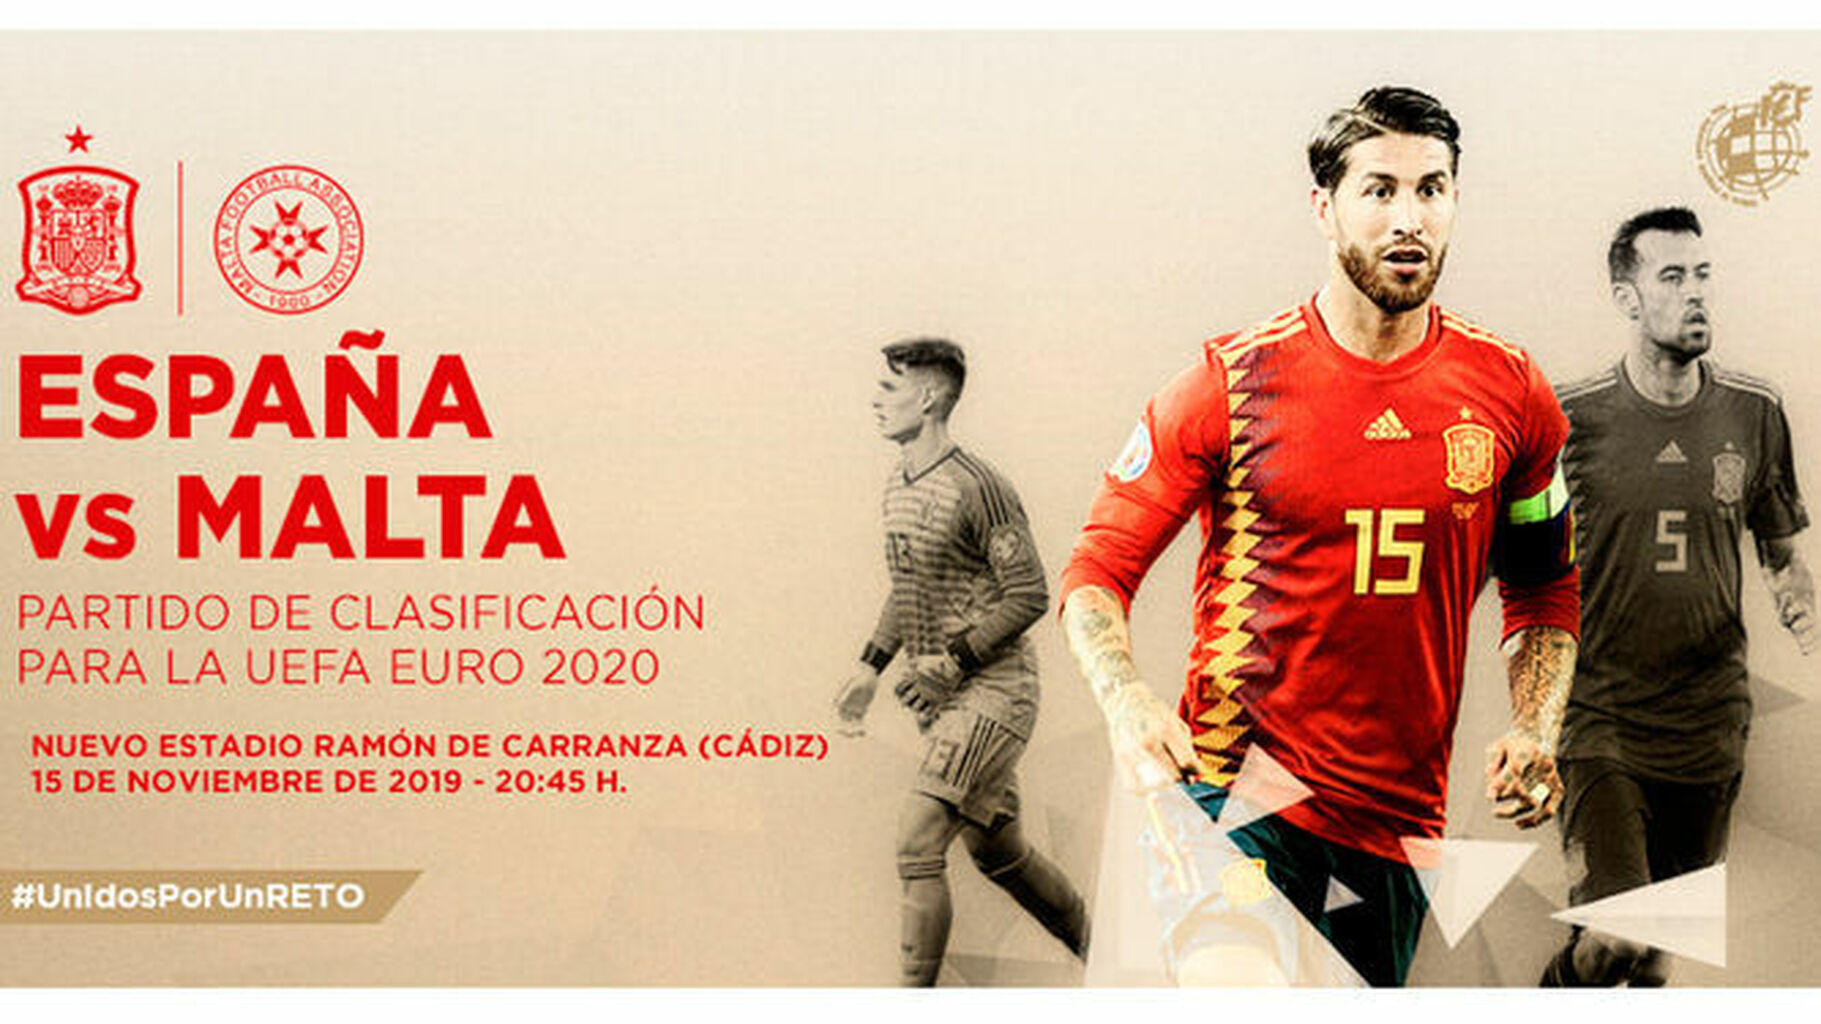 La Selección de fútbol de Malta entrenará en nuestro Estadio Manuel Bernal Sánchez-Romero